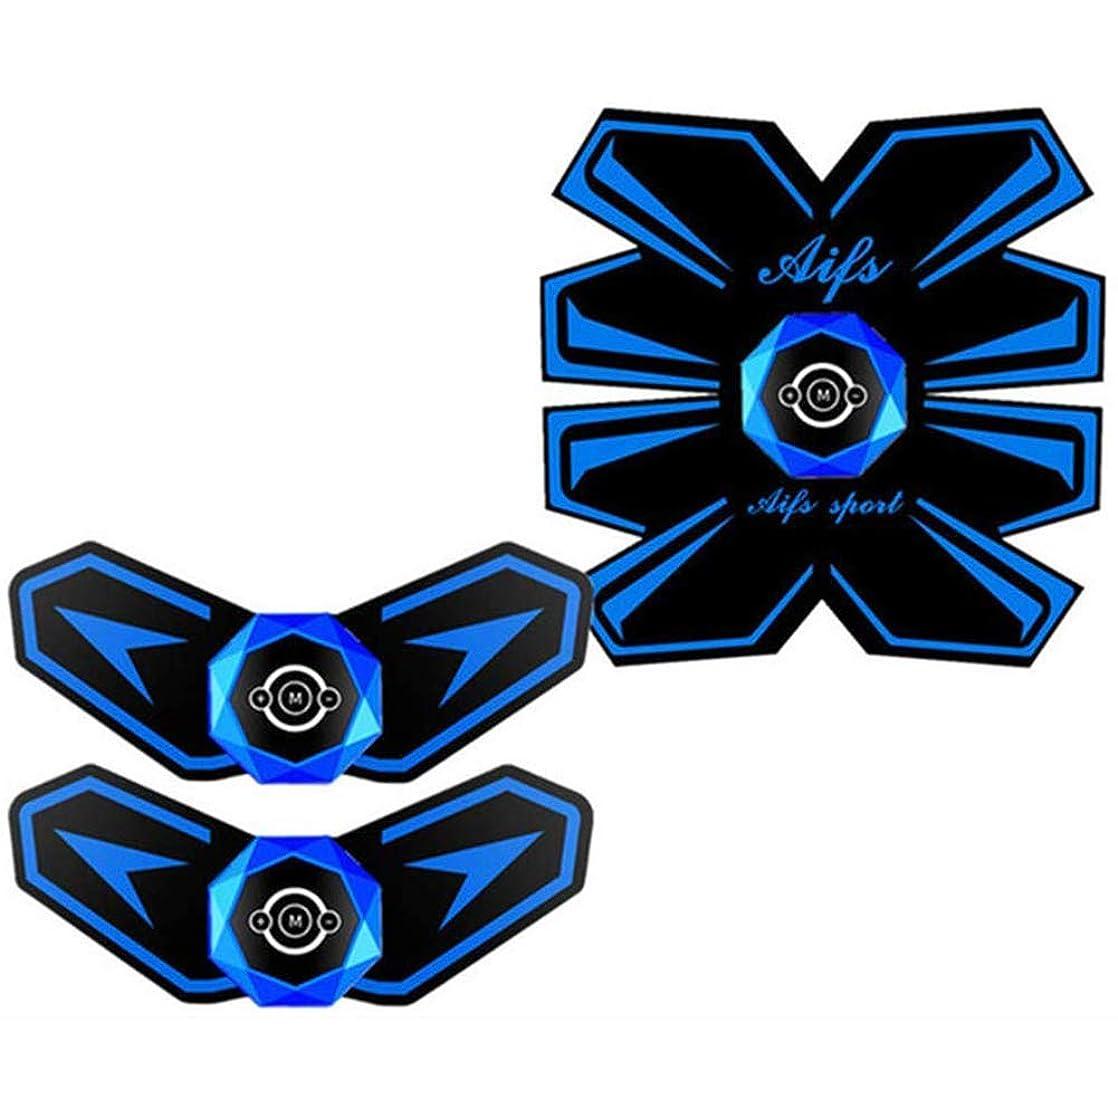 撤回する貼り直す偏差腹部筋肉トレーナーインテリジェント音声放送筋肉トレーナーUsb充電機能男性と女性に適用可能な電子筋肉EMSテクノロジー